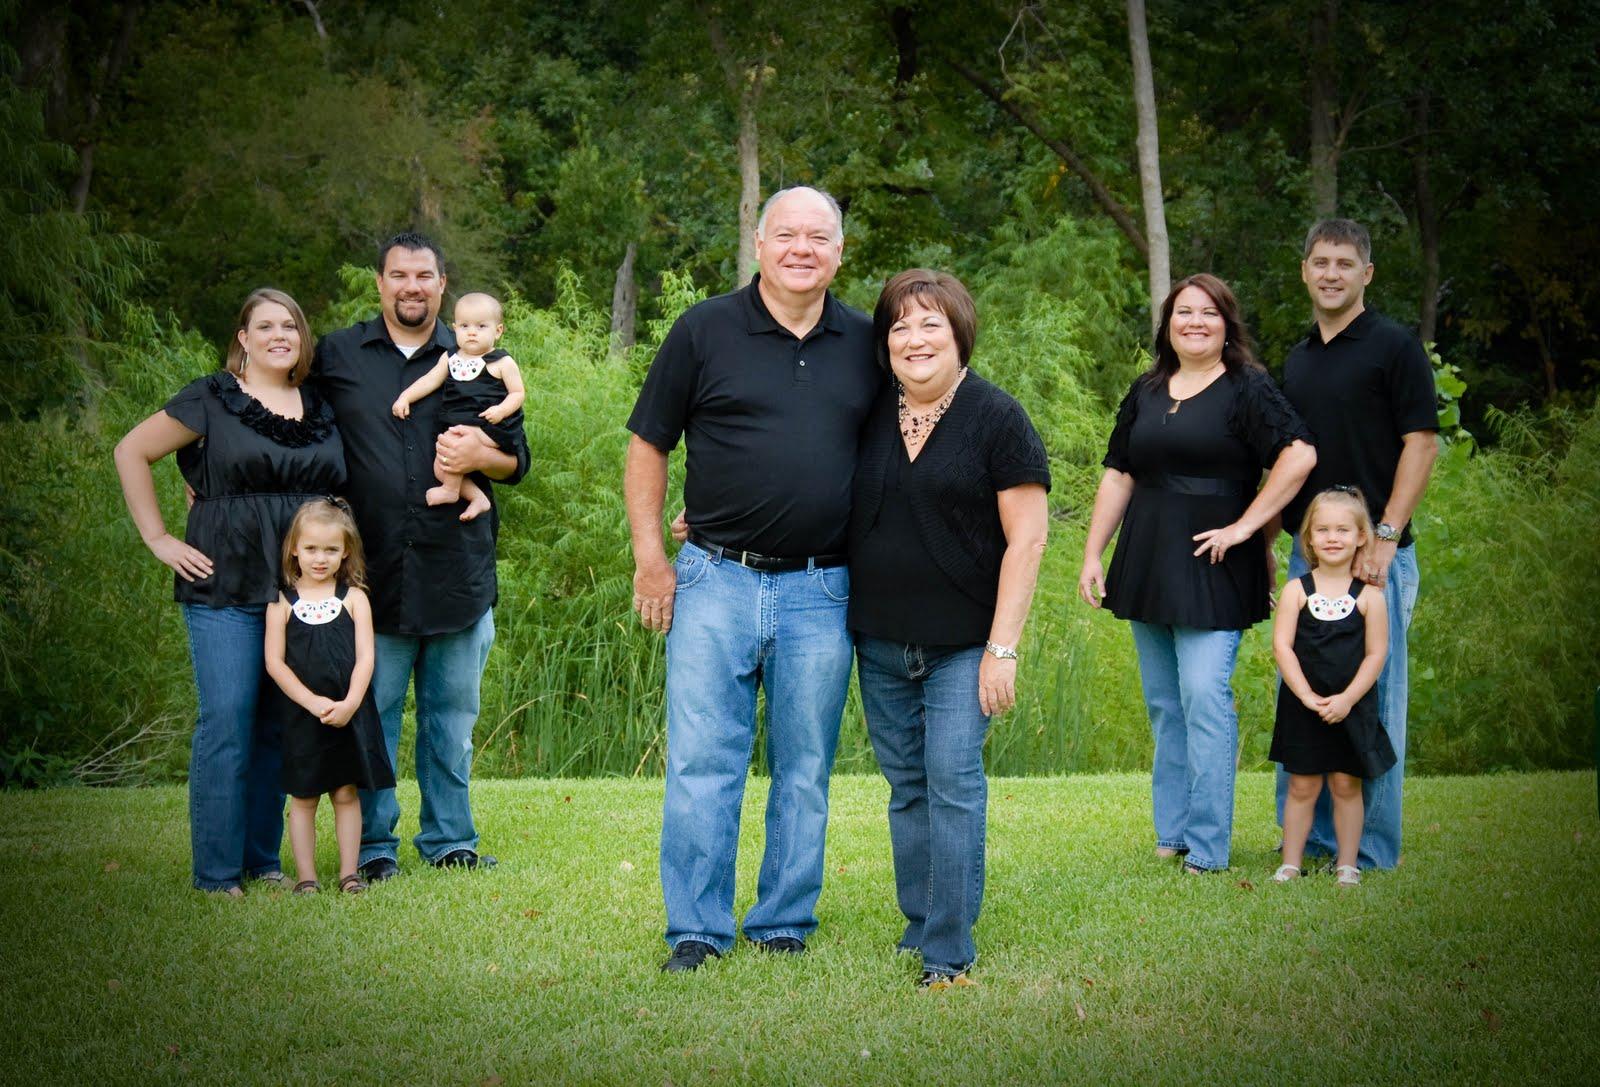 family-photo-ideas15